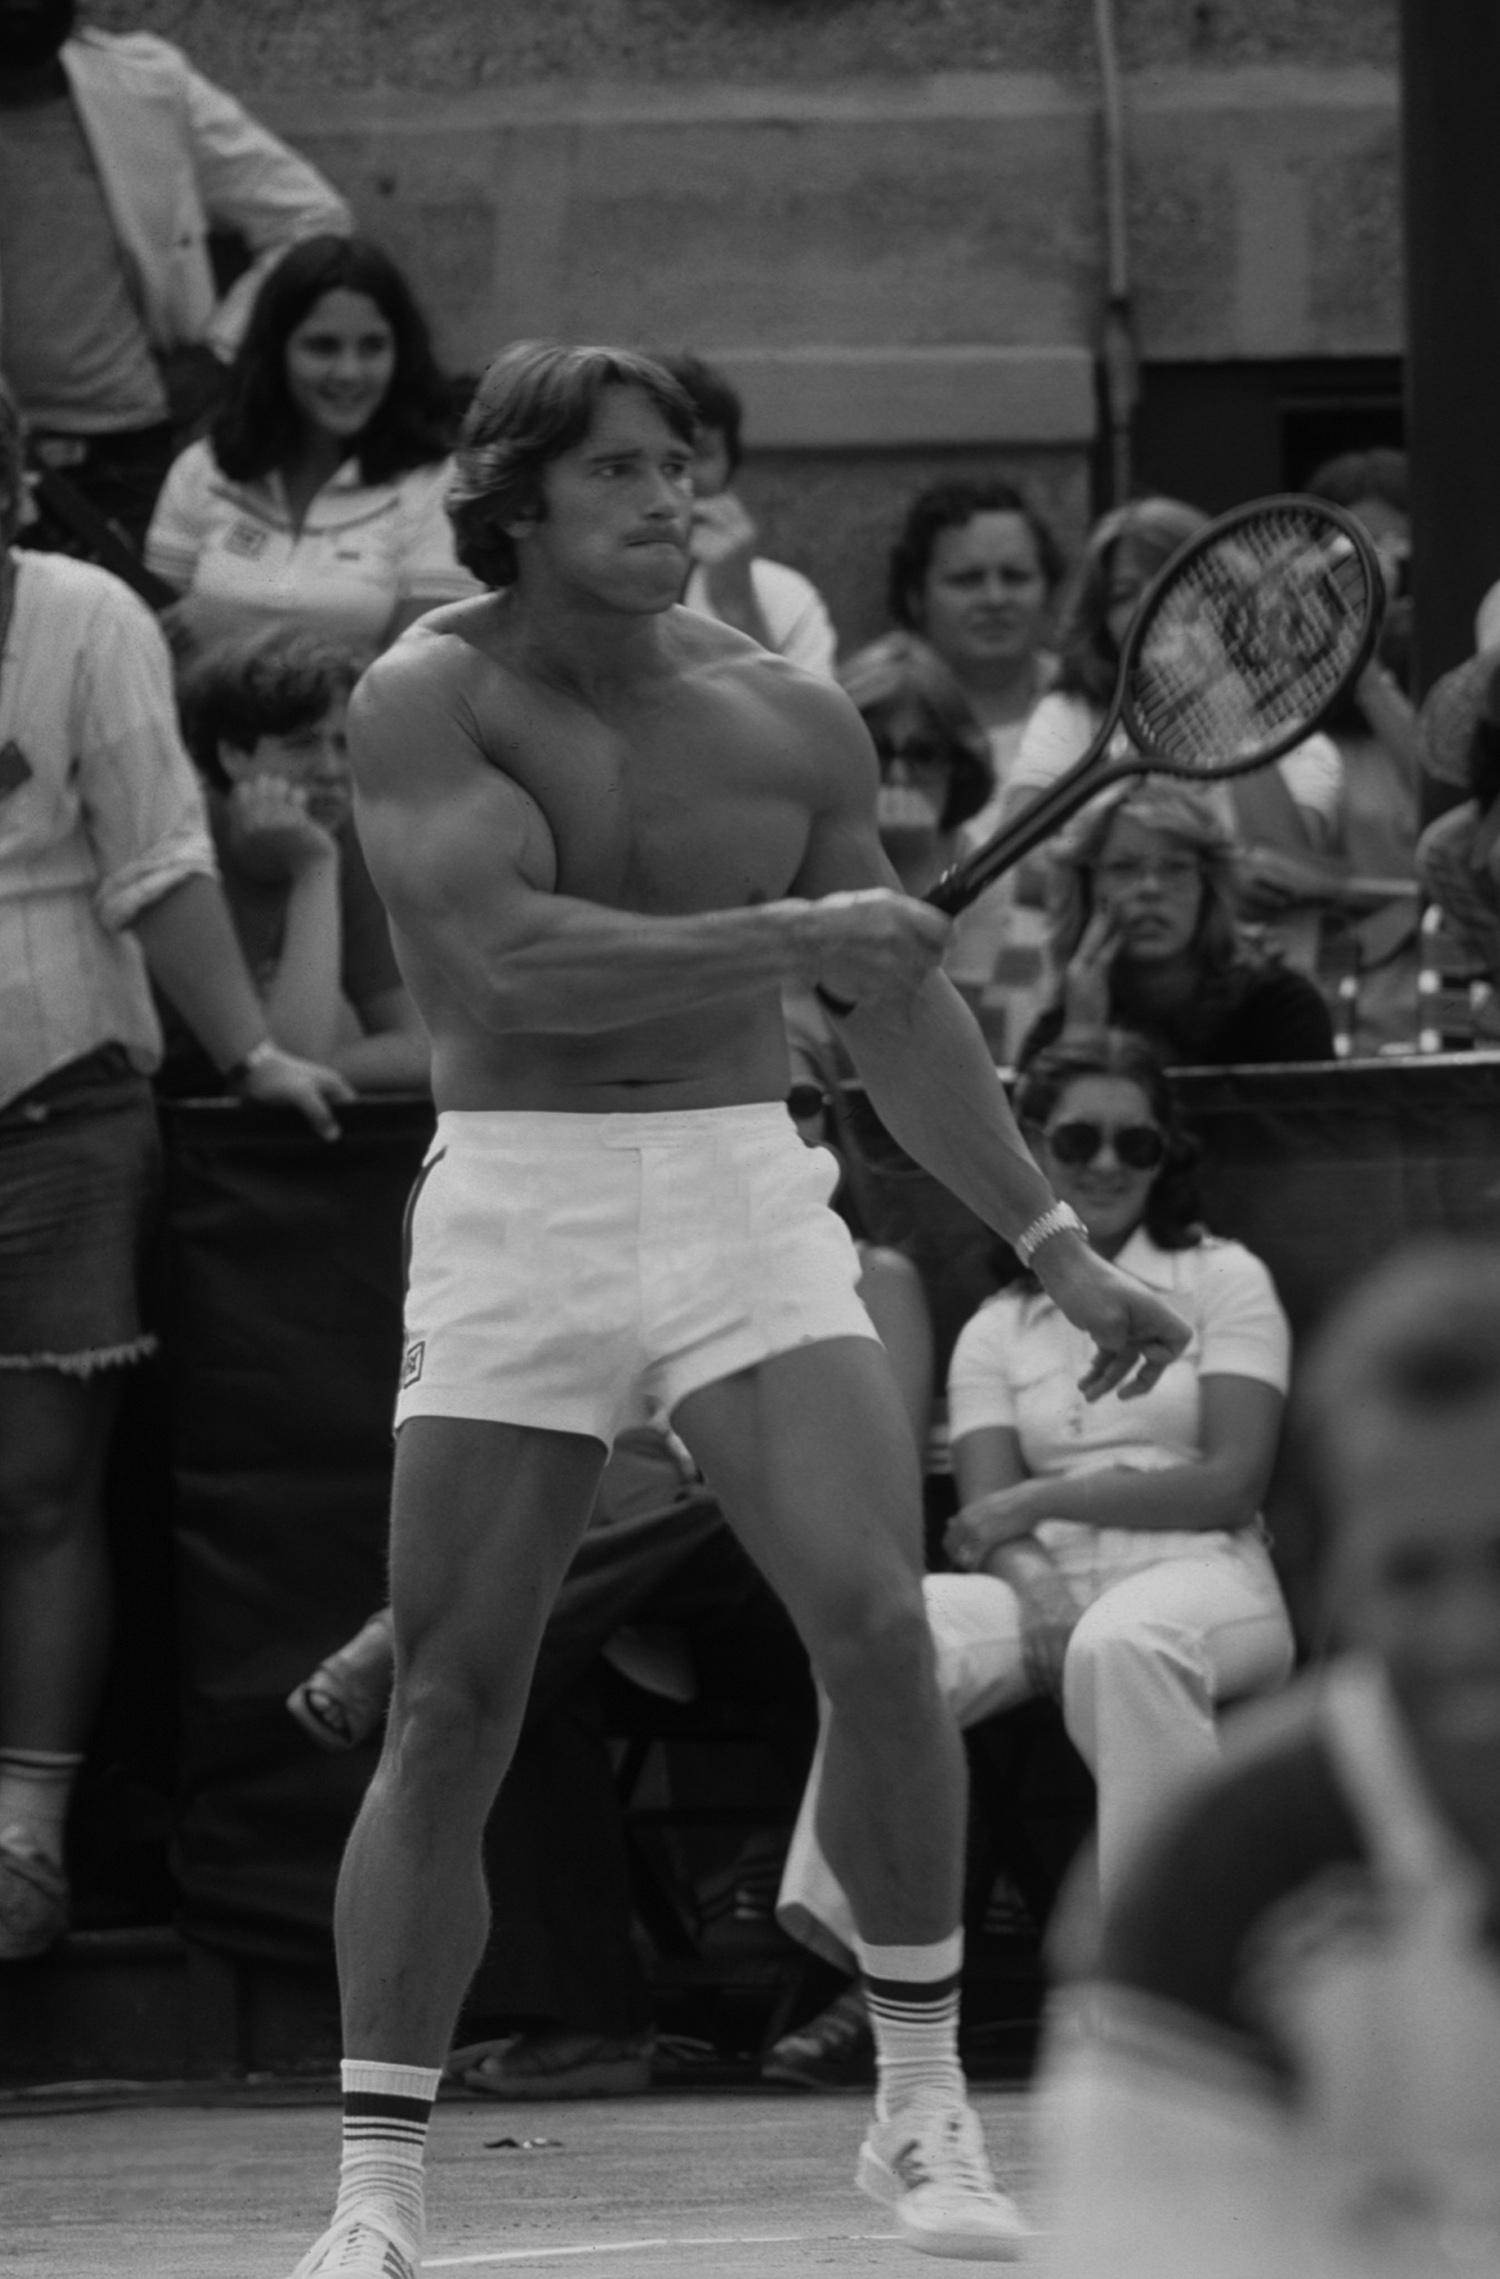 Арнольд Шварценеггер натеннисном турнире, 1977